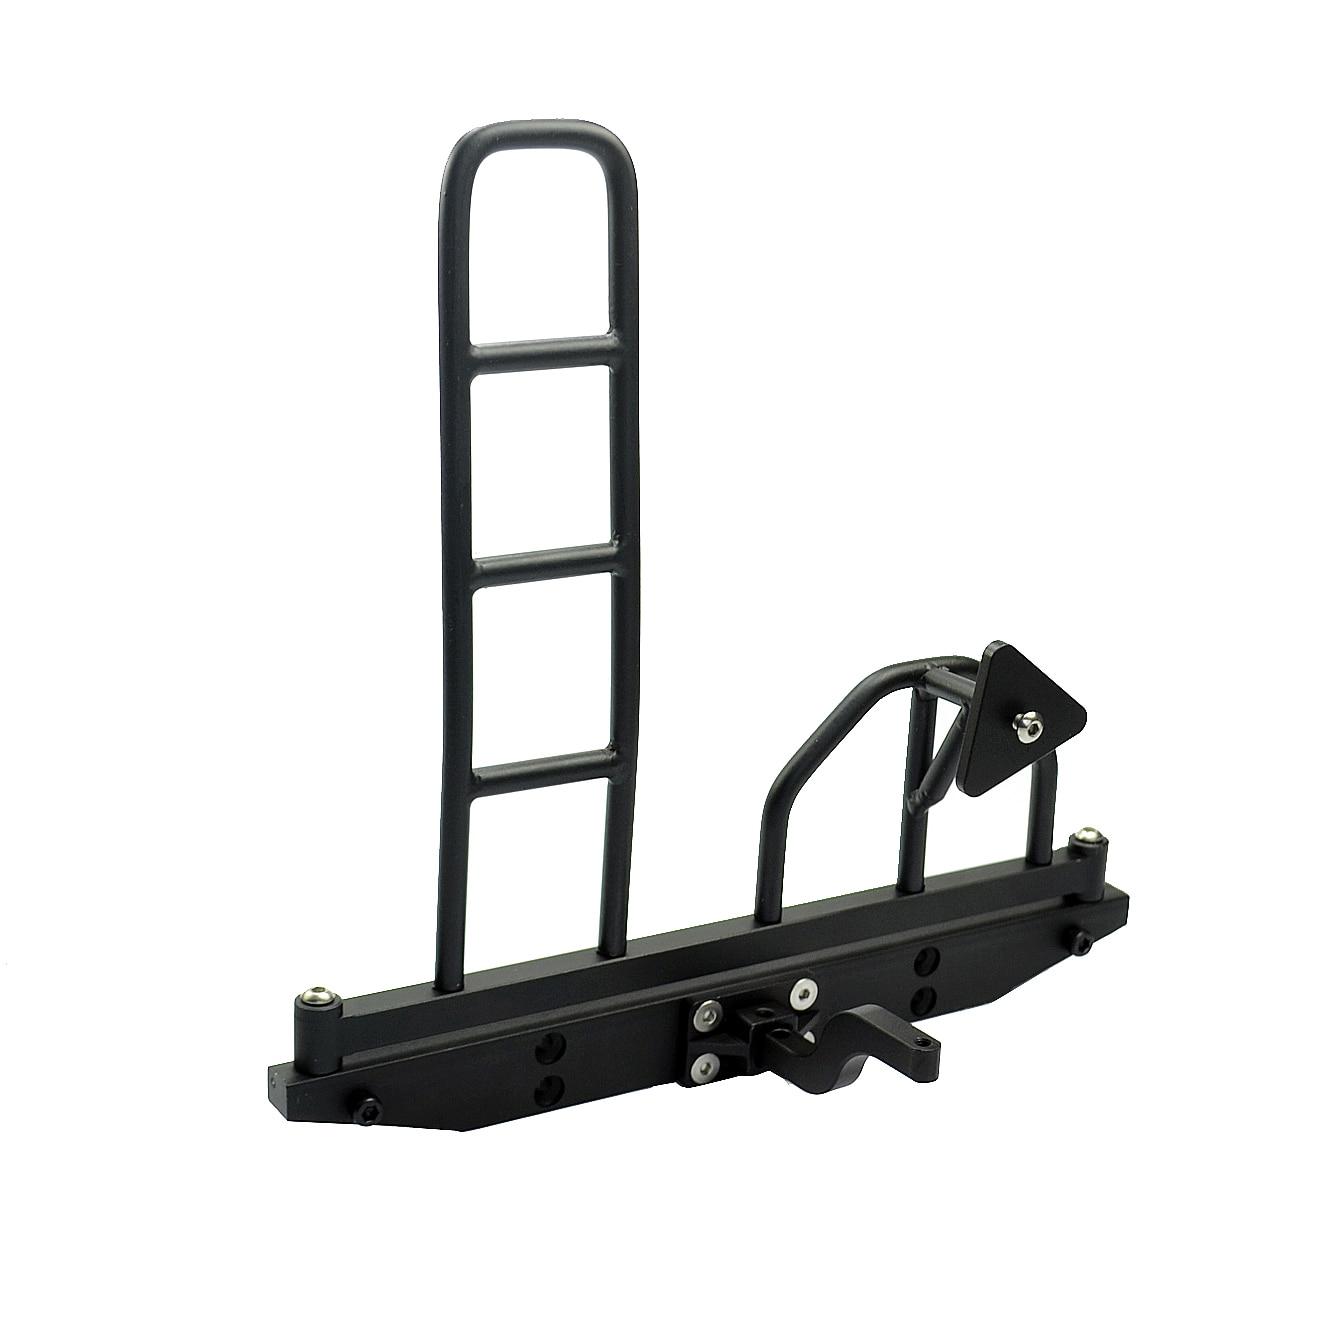 1:10 Rc Crawler Aluminium Alloy Bakre Bumper Hintere Sto & Szlig; Stange W / Reservdäcksställ & Ladder För D90